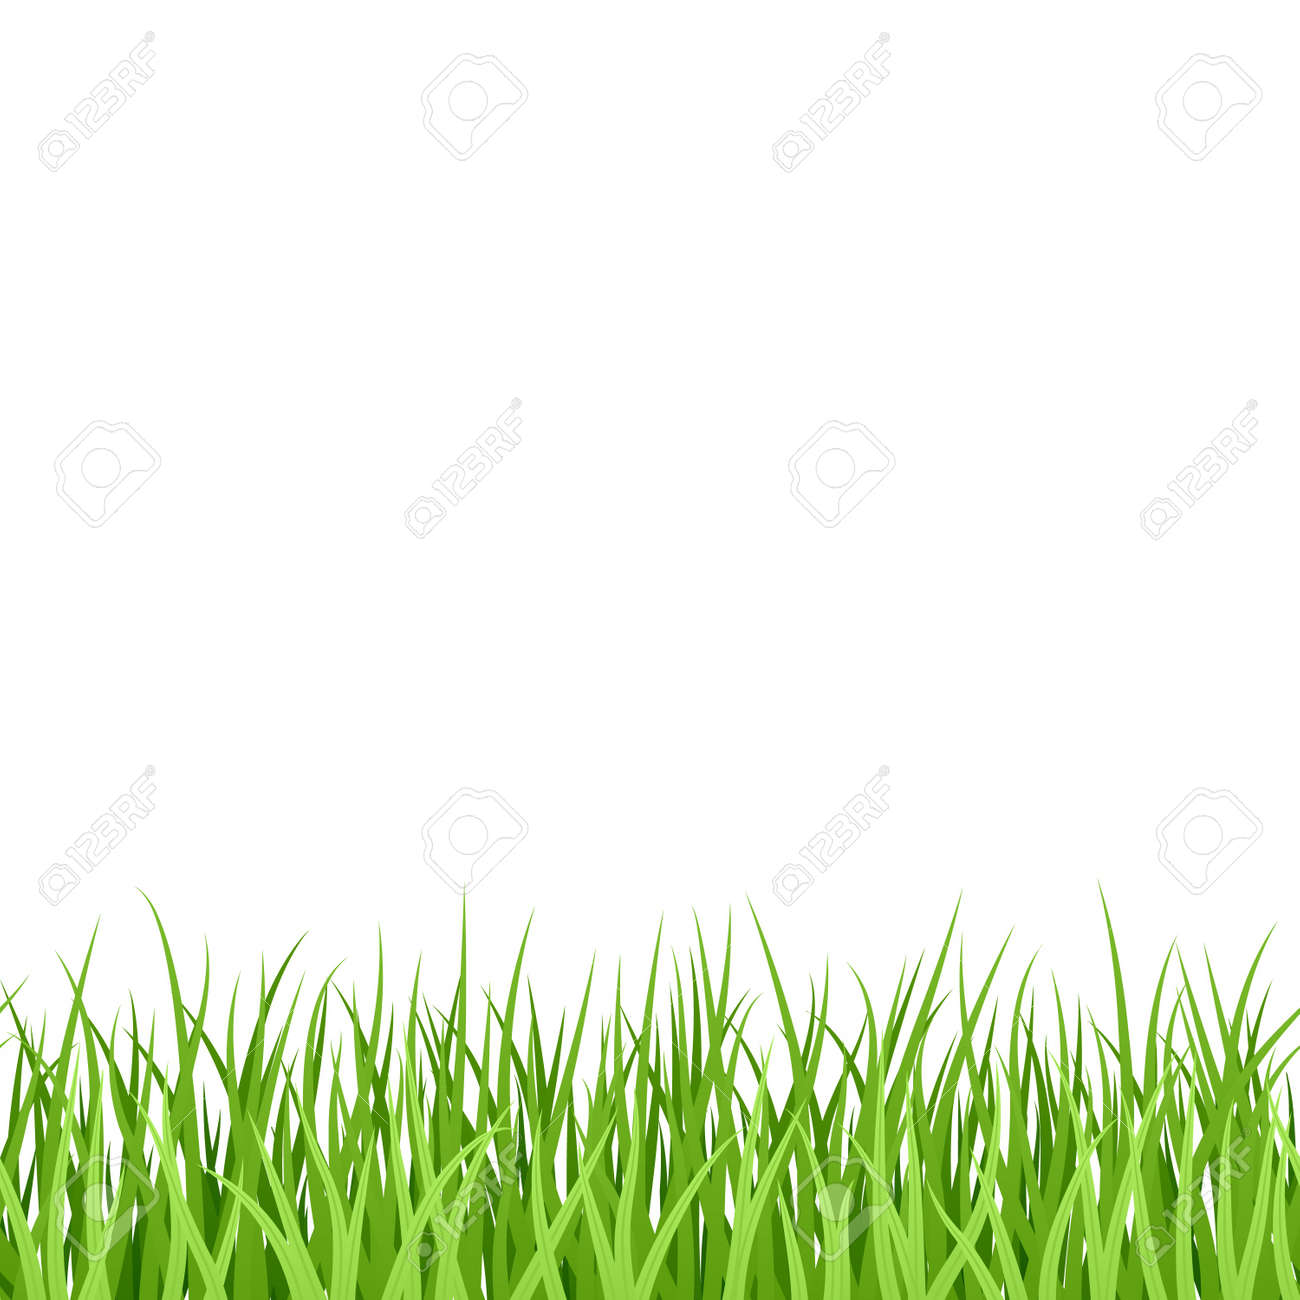 緑の草シームレスなイラストのイラスト素材ベクタ Image 9882088